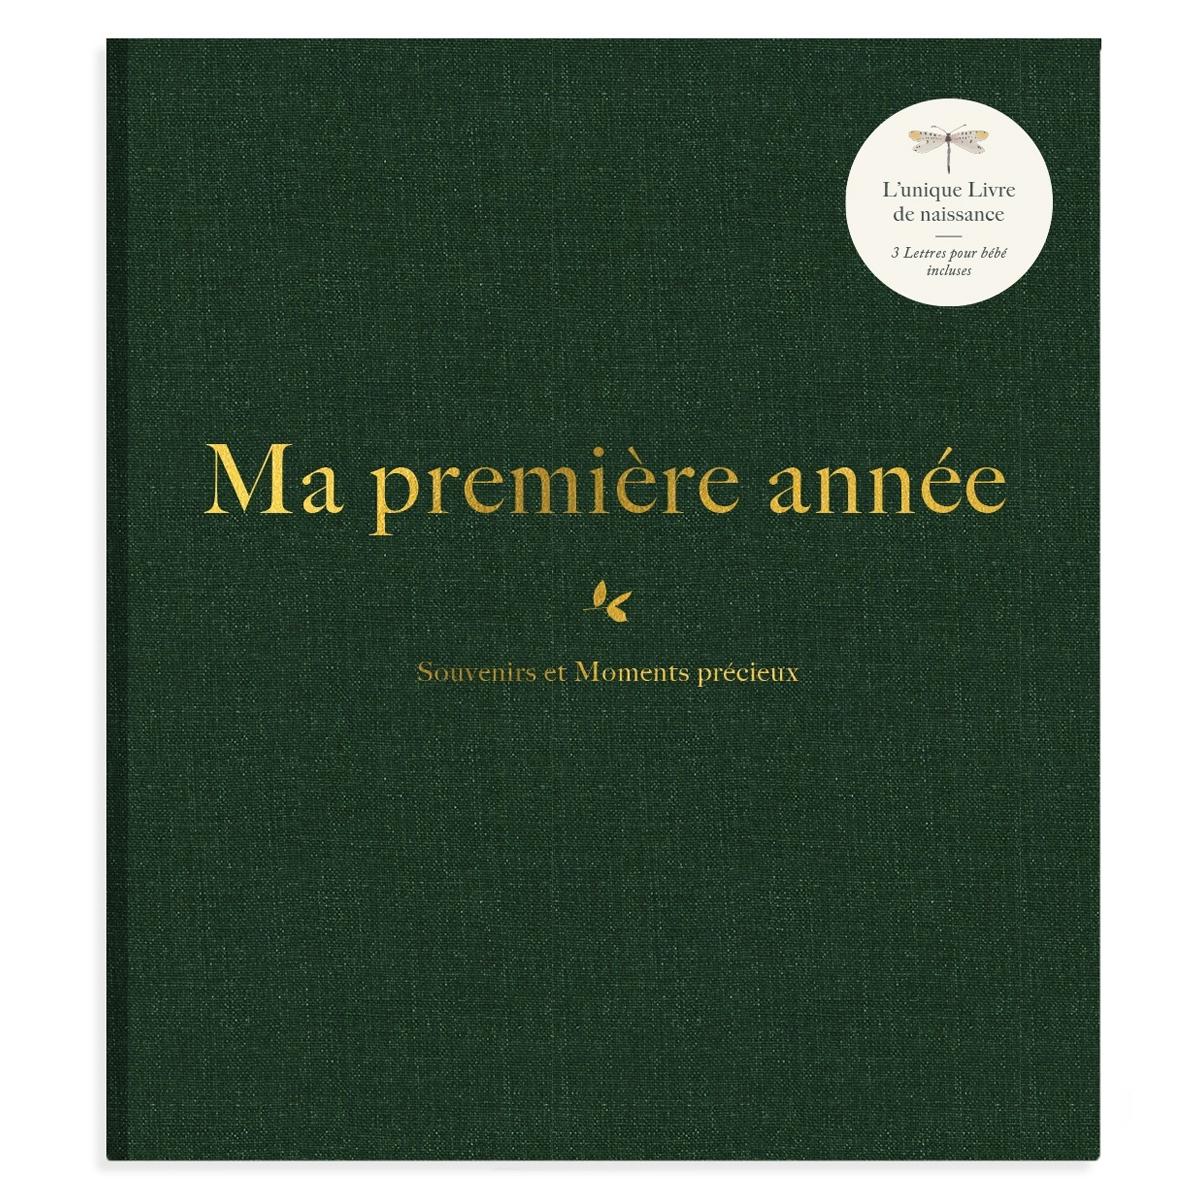 Album naissance Album Ma Première Année Luxe ABC Album Ma Première Année Luxe ABC